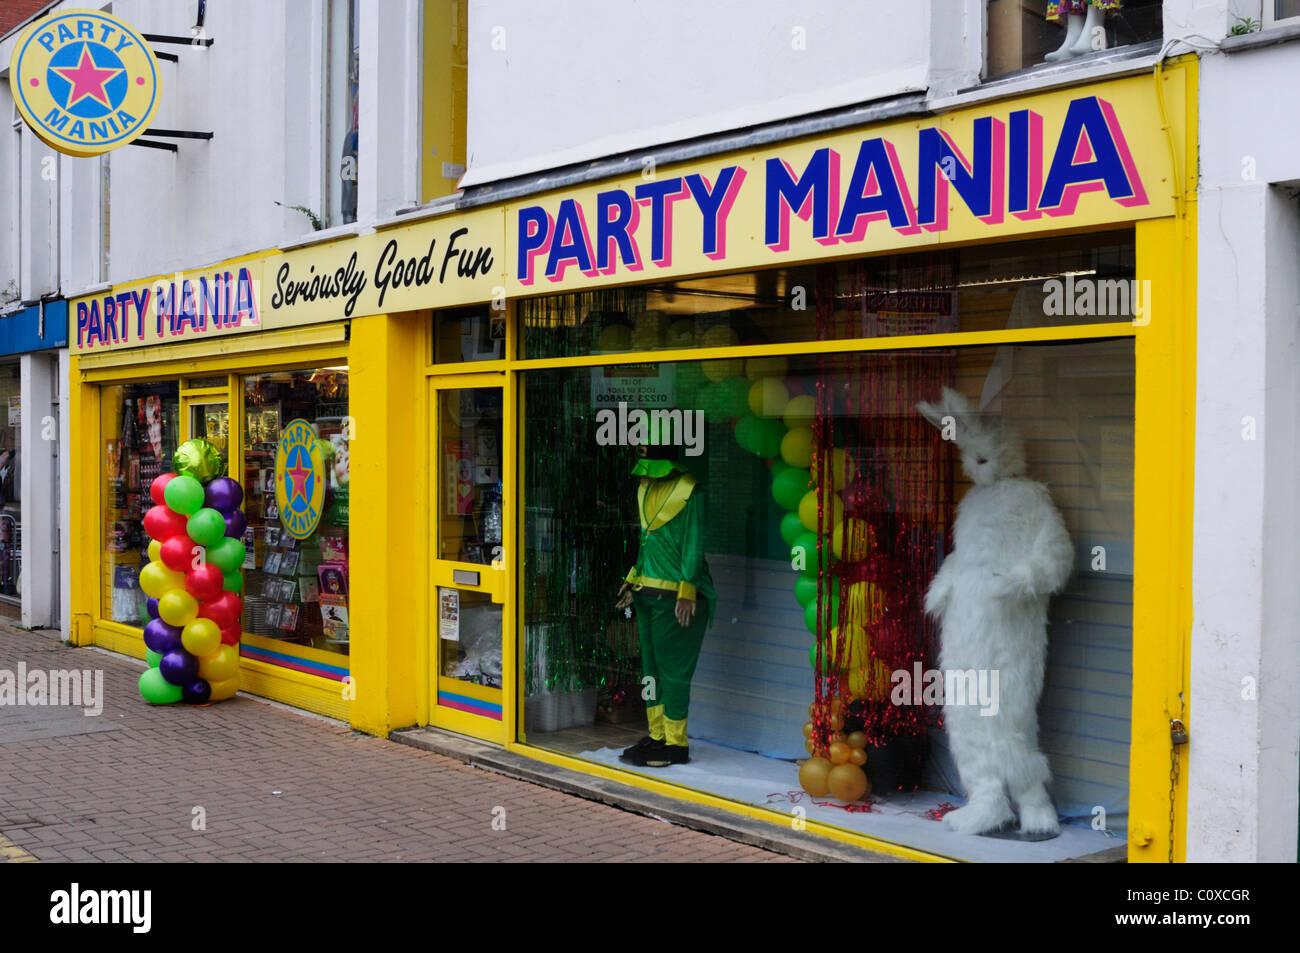 Parte manía Shop, Burleigh Street, Cambridge, Inglaterra, Reino Unido. Imagen De Stock